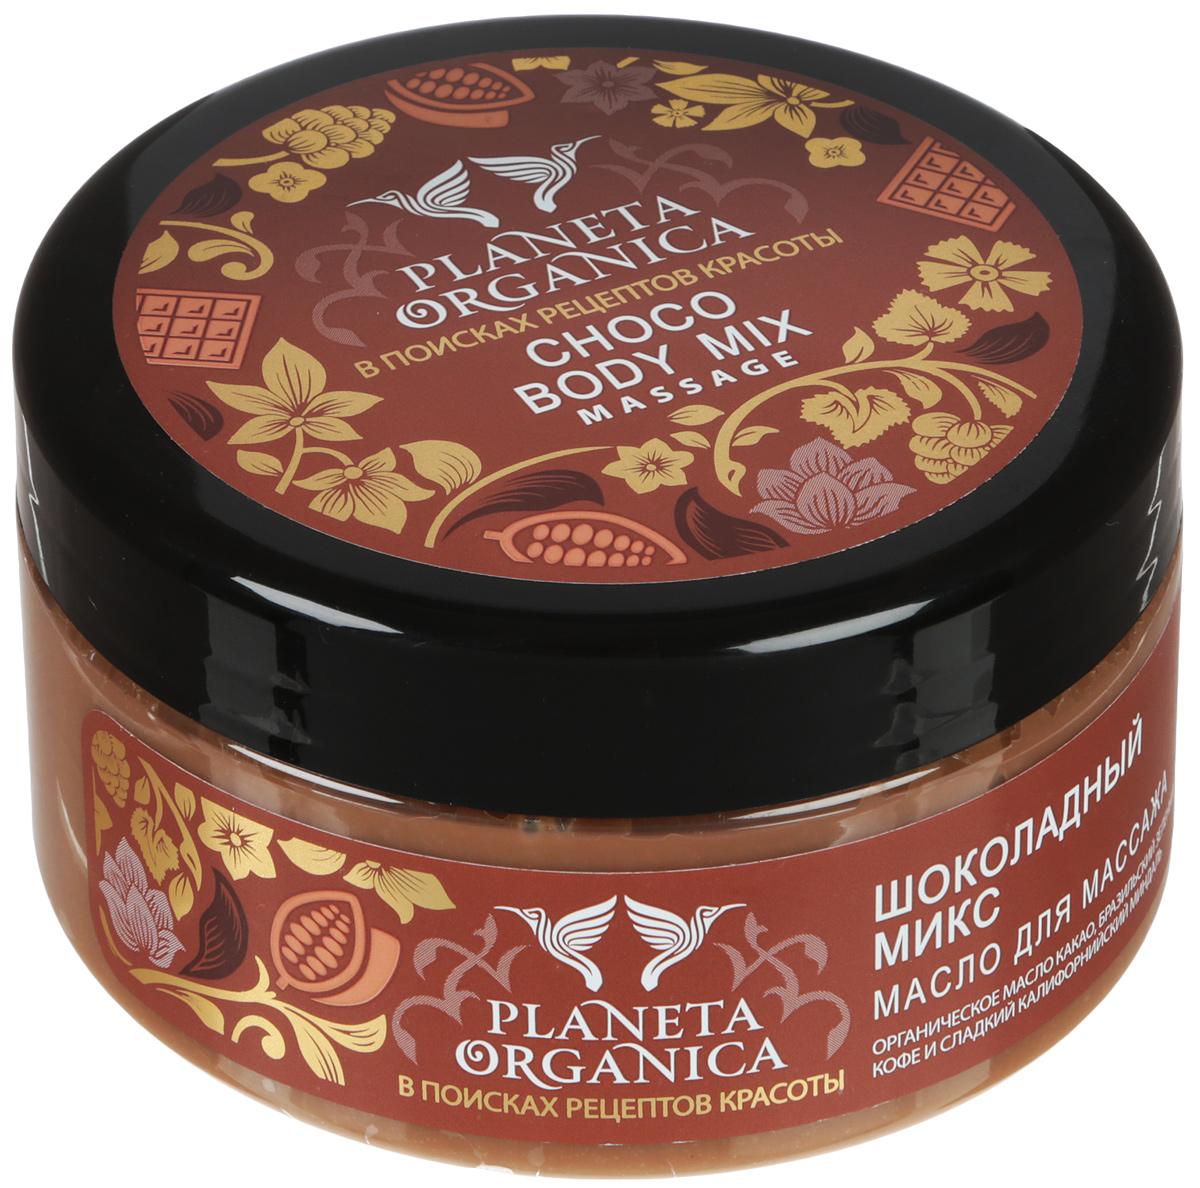 Planeta Organica Масло для массажа Шоколадный микс, 300 мл071-1-0199Масло для массажа Planeta Organica Шоколадный микс - нежная текстура для легкого массажа.Содержит кофеин, обладающий мощной биологической активностью, оказывая лифтинговоедействие. Улучшает процесс клеточного обмена в коже. Глубокое питание и увлажнение кожи. Масло какао содержит незаменимые жирные кислоты, метилксантин, кофеин и танины, чтообуславливает его прекрасные питательные, увлажняющие и смягчающие свойства. Такжемасло какао обеспечивает улучшение процессов клеточного обмена в коже.Плодыкофе содержат около 1200 химических составляющих, среди которых: кофеин,обладающий биологической активностью, белки, углеводы, стеарины, алкалоиды и фруктовыекислоты, которые повышают упругость кожи, поддерживают её эластичность и липидныйбаланс.Калифорнийский миндаль обогащен железом, марганцем и калием, что устраняет мышечнуюслабость и нервозность, а витамин Е смягчает, бережно разглаживает и подтягивает кожу.Характеристики:Объем: 300 мл. Артикул: 071-1-0199. Производитель:Россия. Товар сертифицирован.Уважаемые клиенты! Обращаем ваше внимание на то, что упаковка может иметь нескольковидов дизайна.Поставка осуществляется в зависимости от наличия на складе.